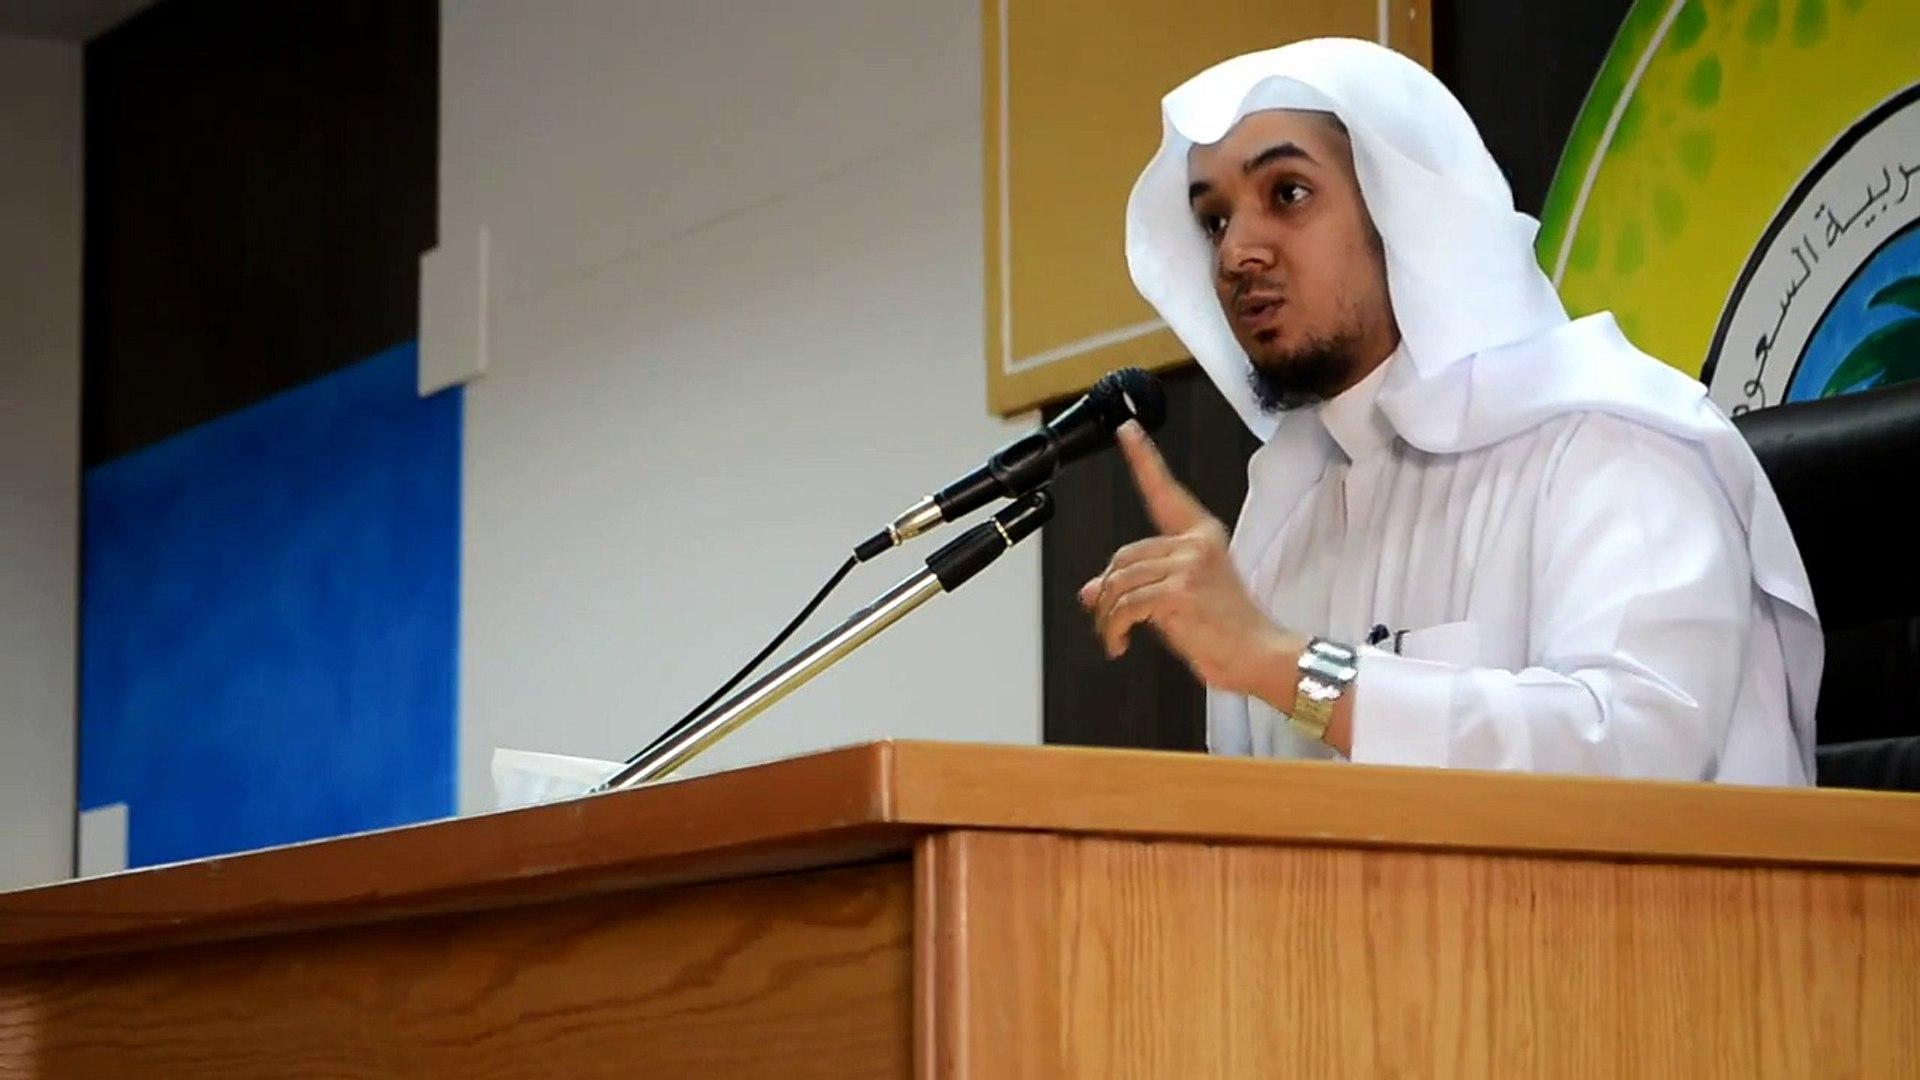 مختصر محاضرة للشيخ عادل الخديدي عن العمل التطوعي